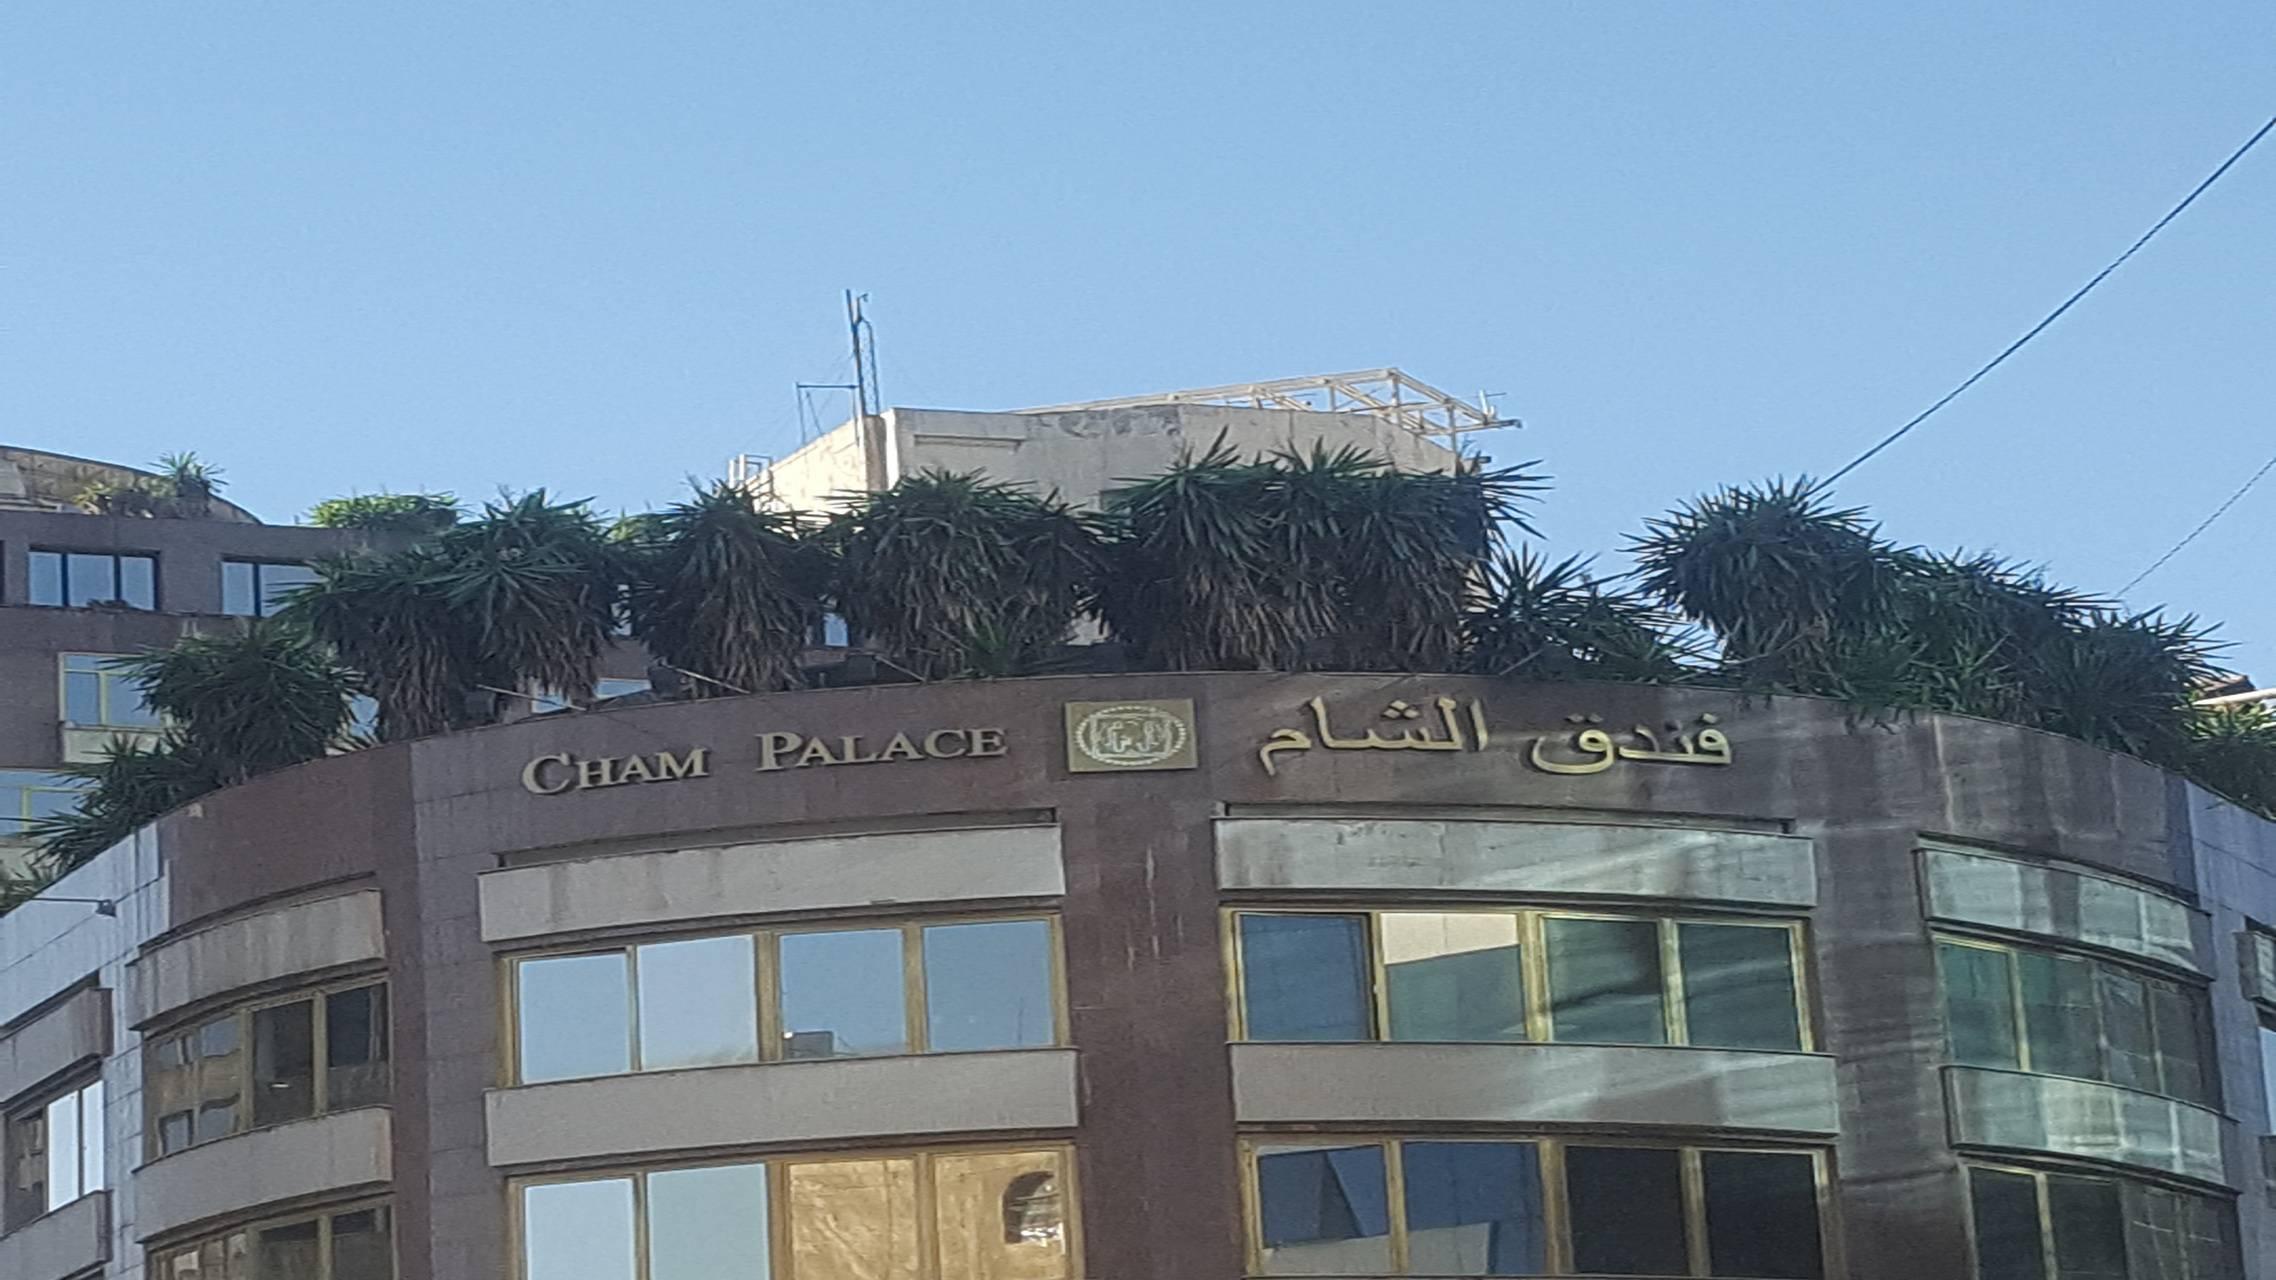 Sham palace